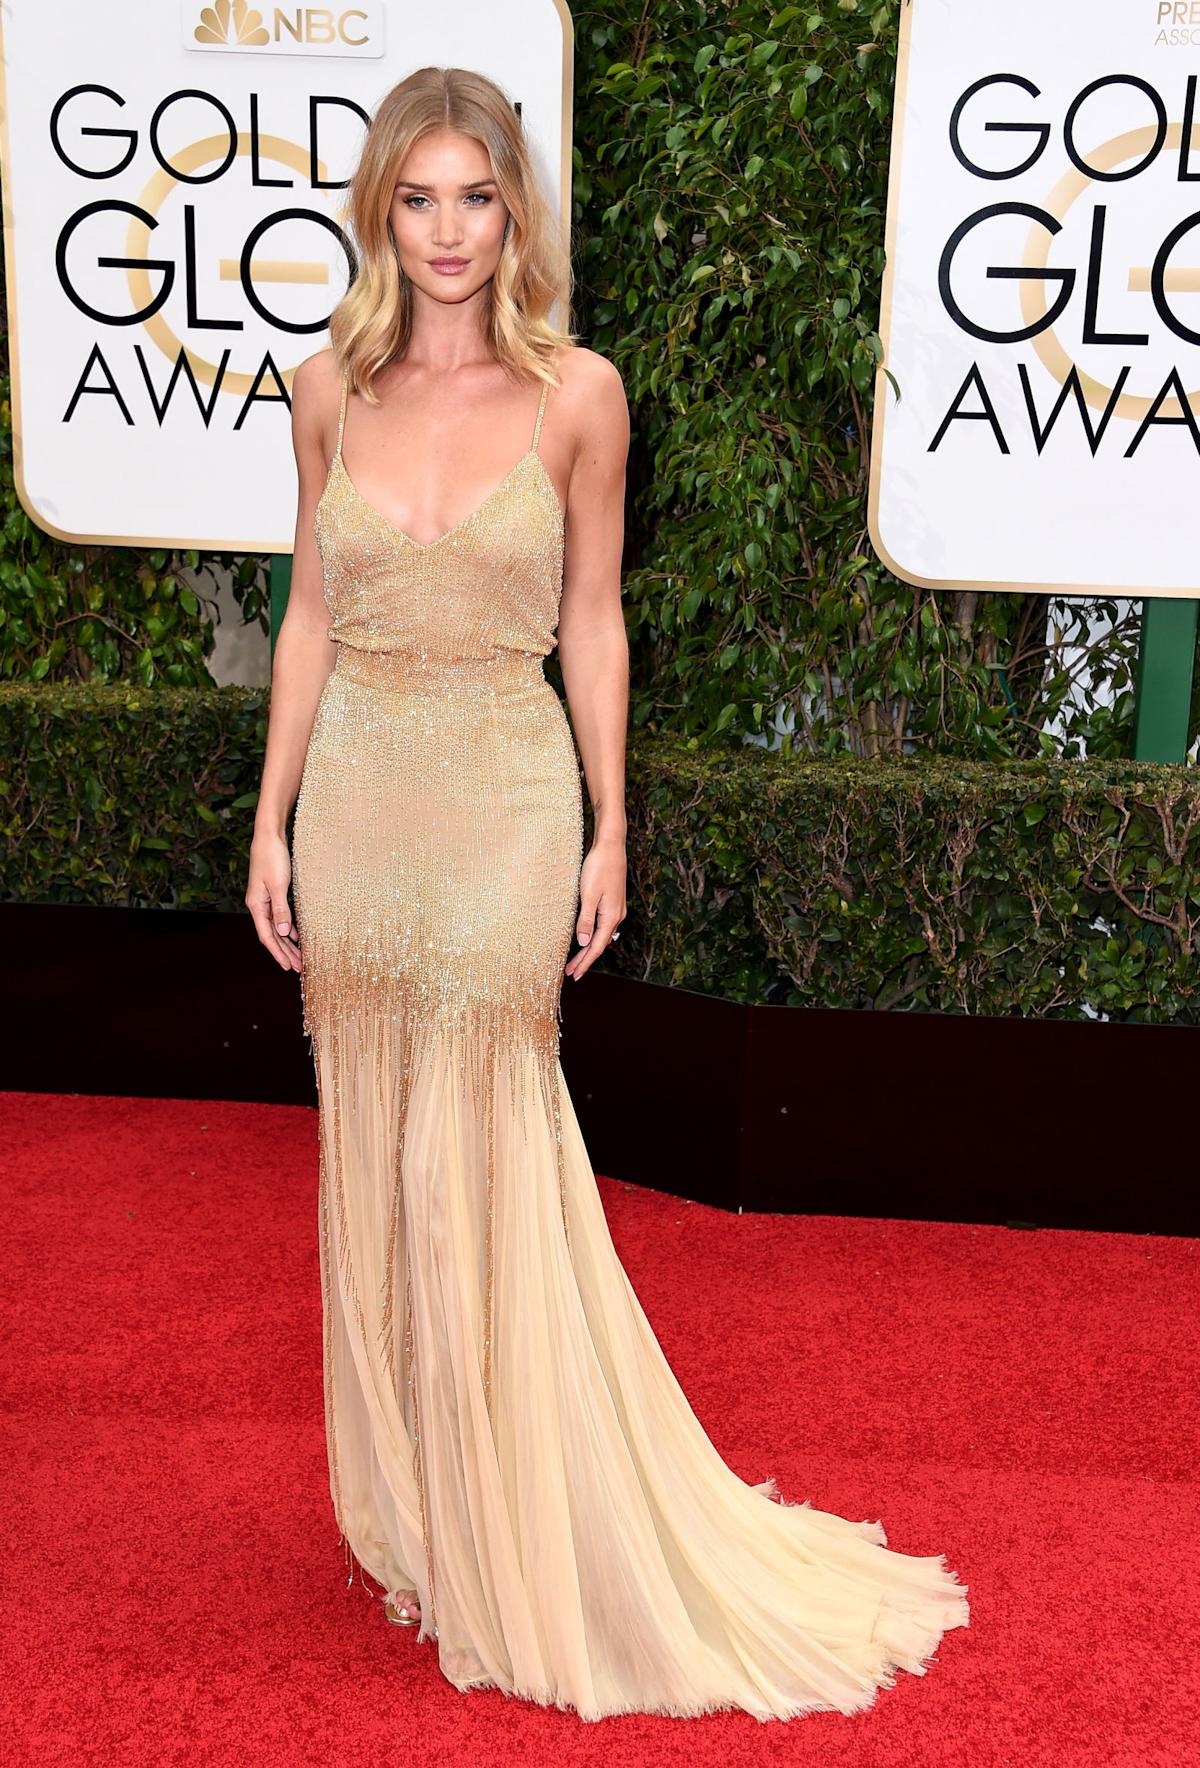 Golden Globes 2016 Les Plus Belles Robes Des Stars Sur